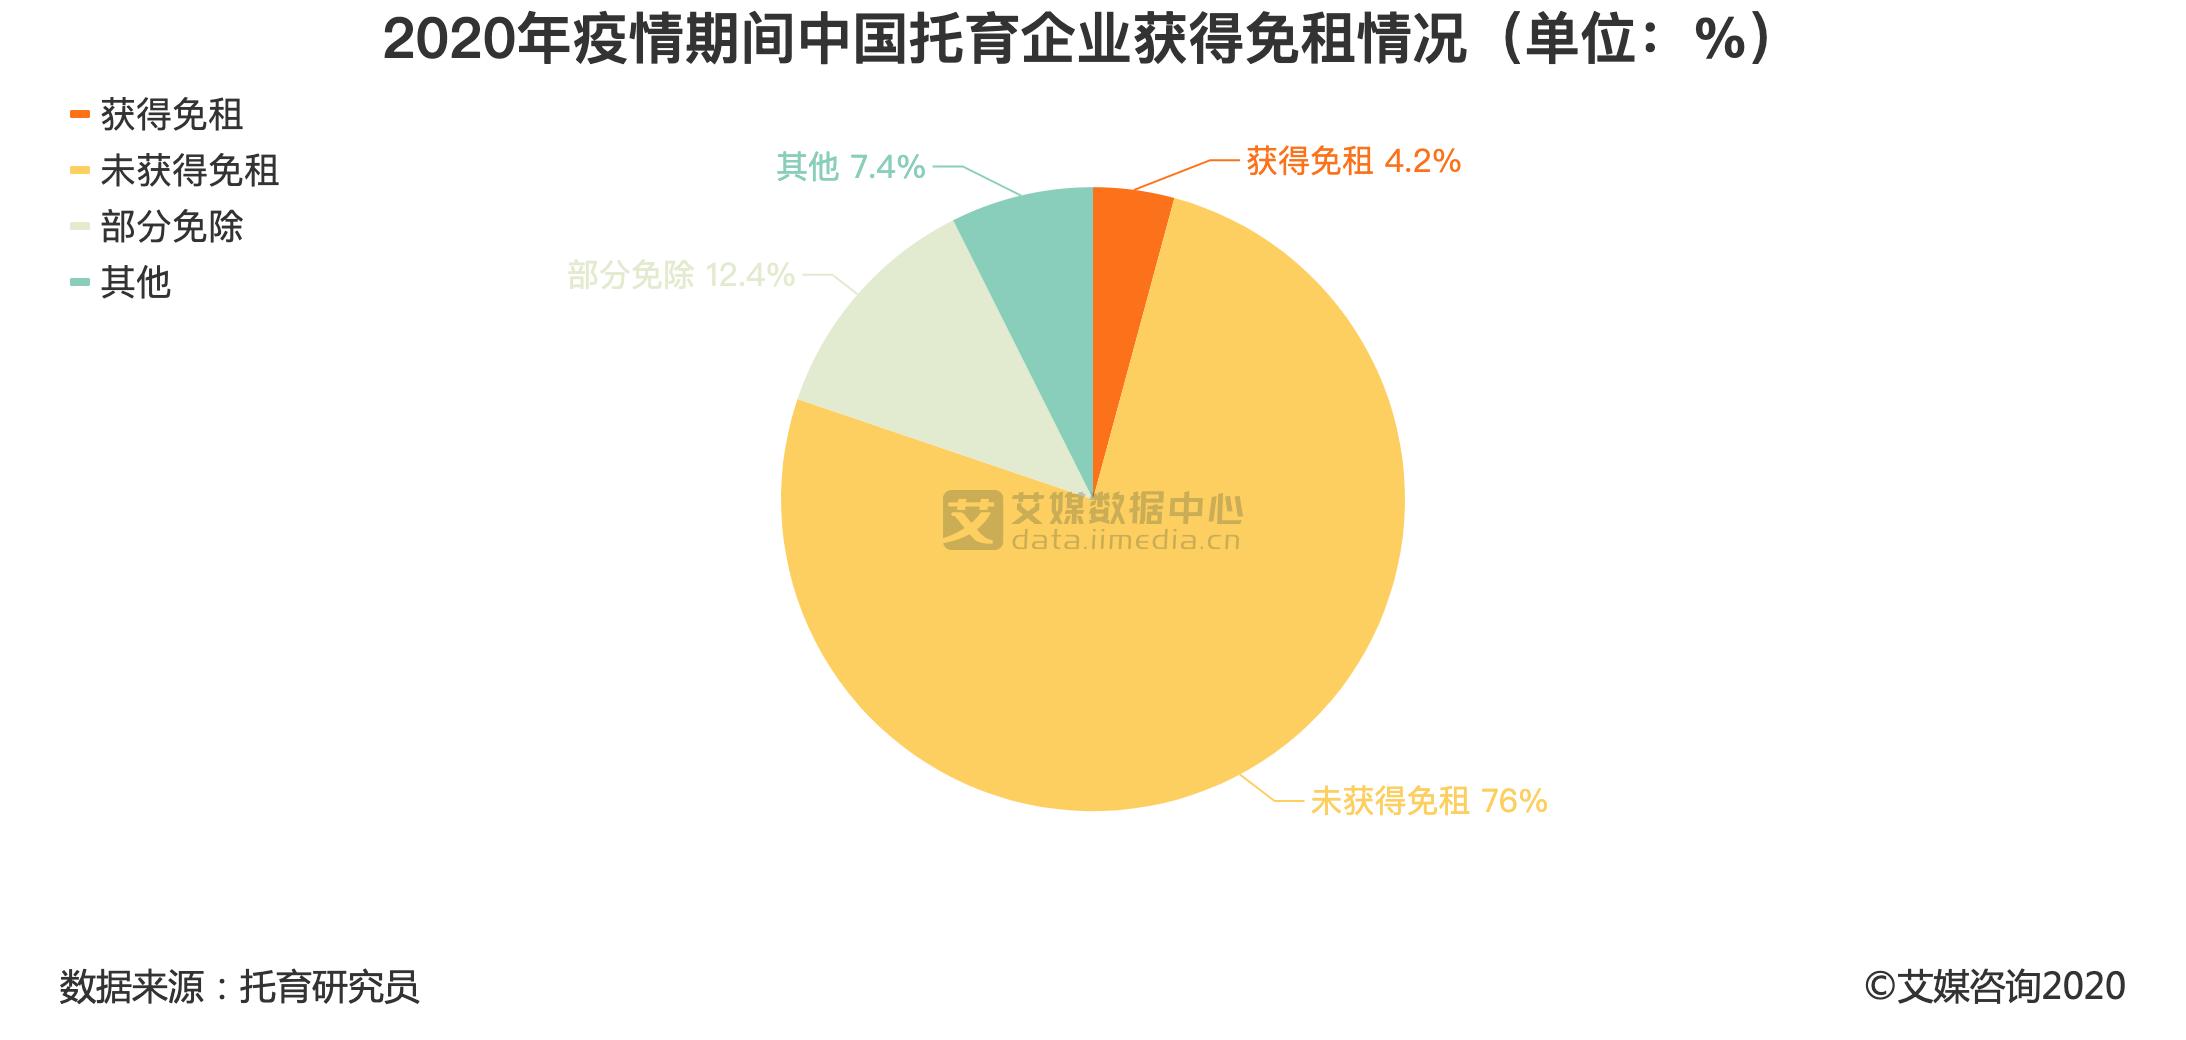 2020年疫情期间中国托育企业获得免租情况(单位:%)